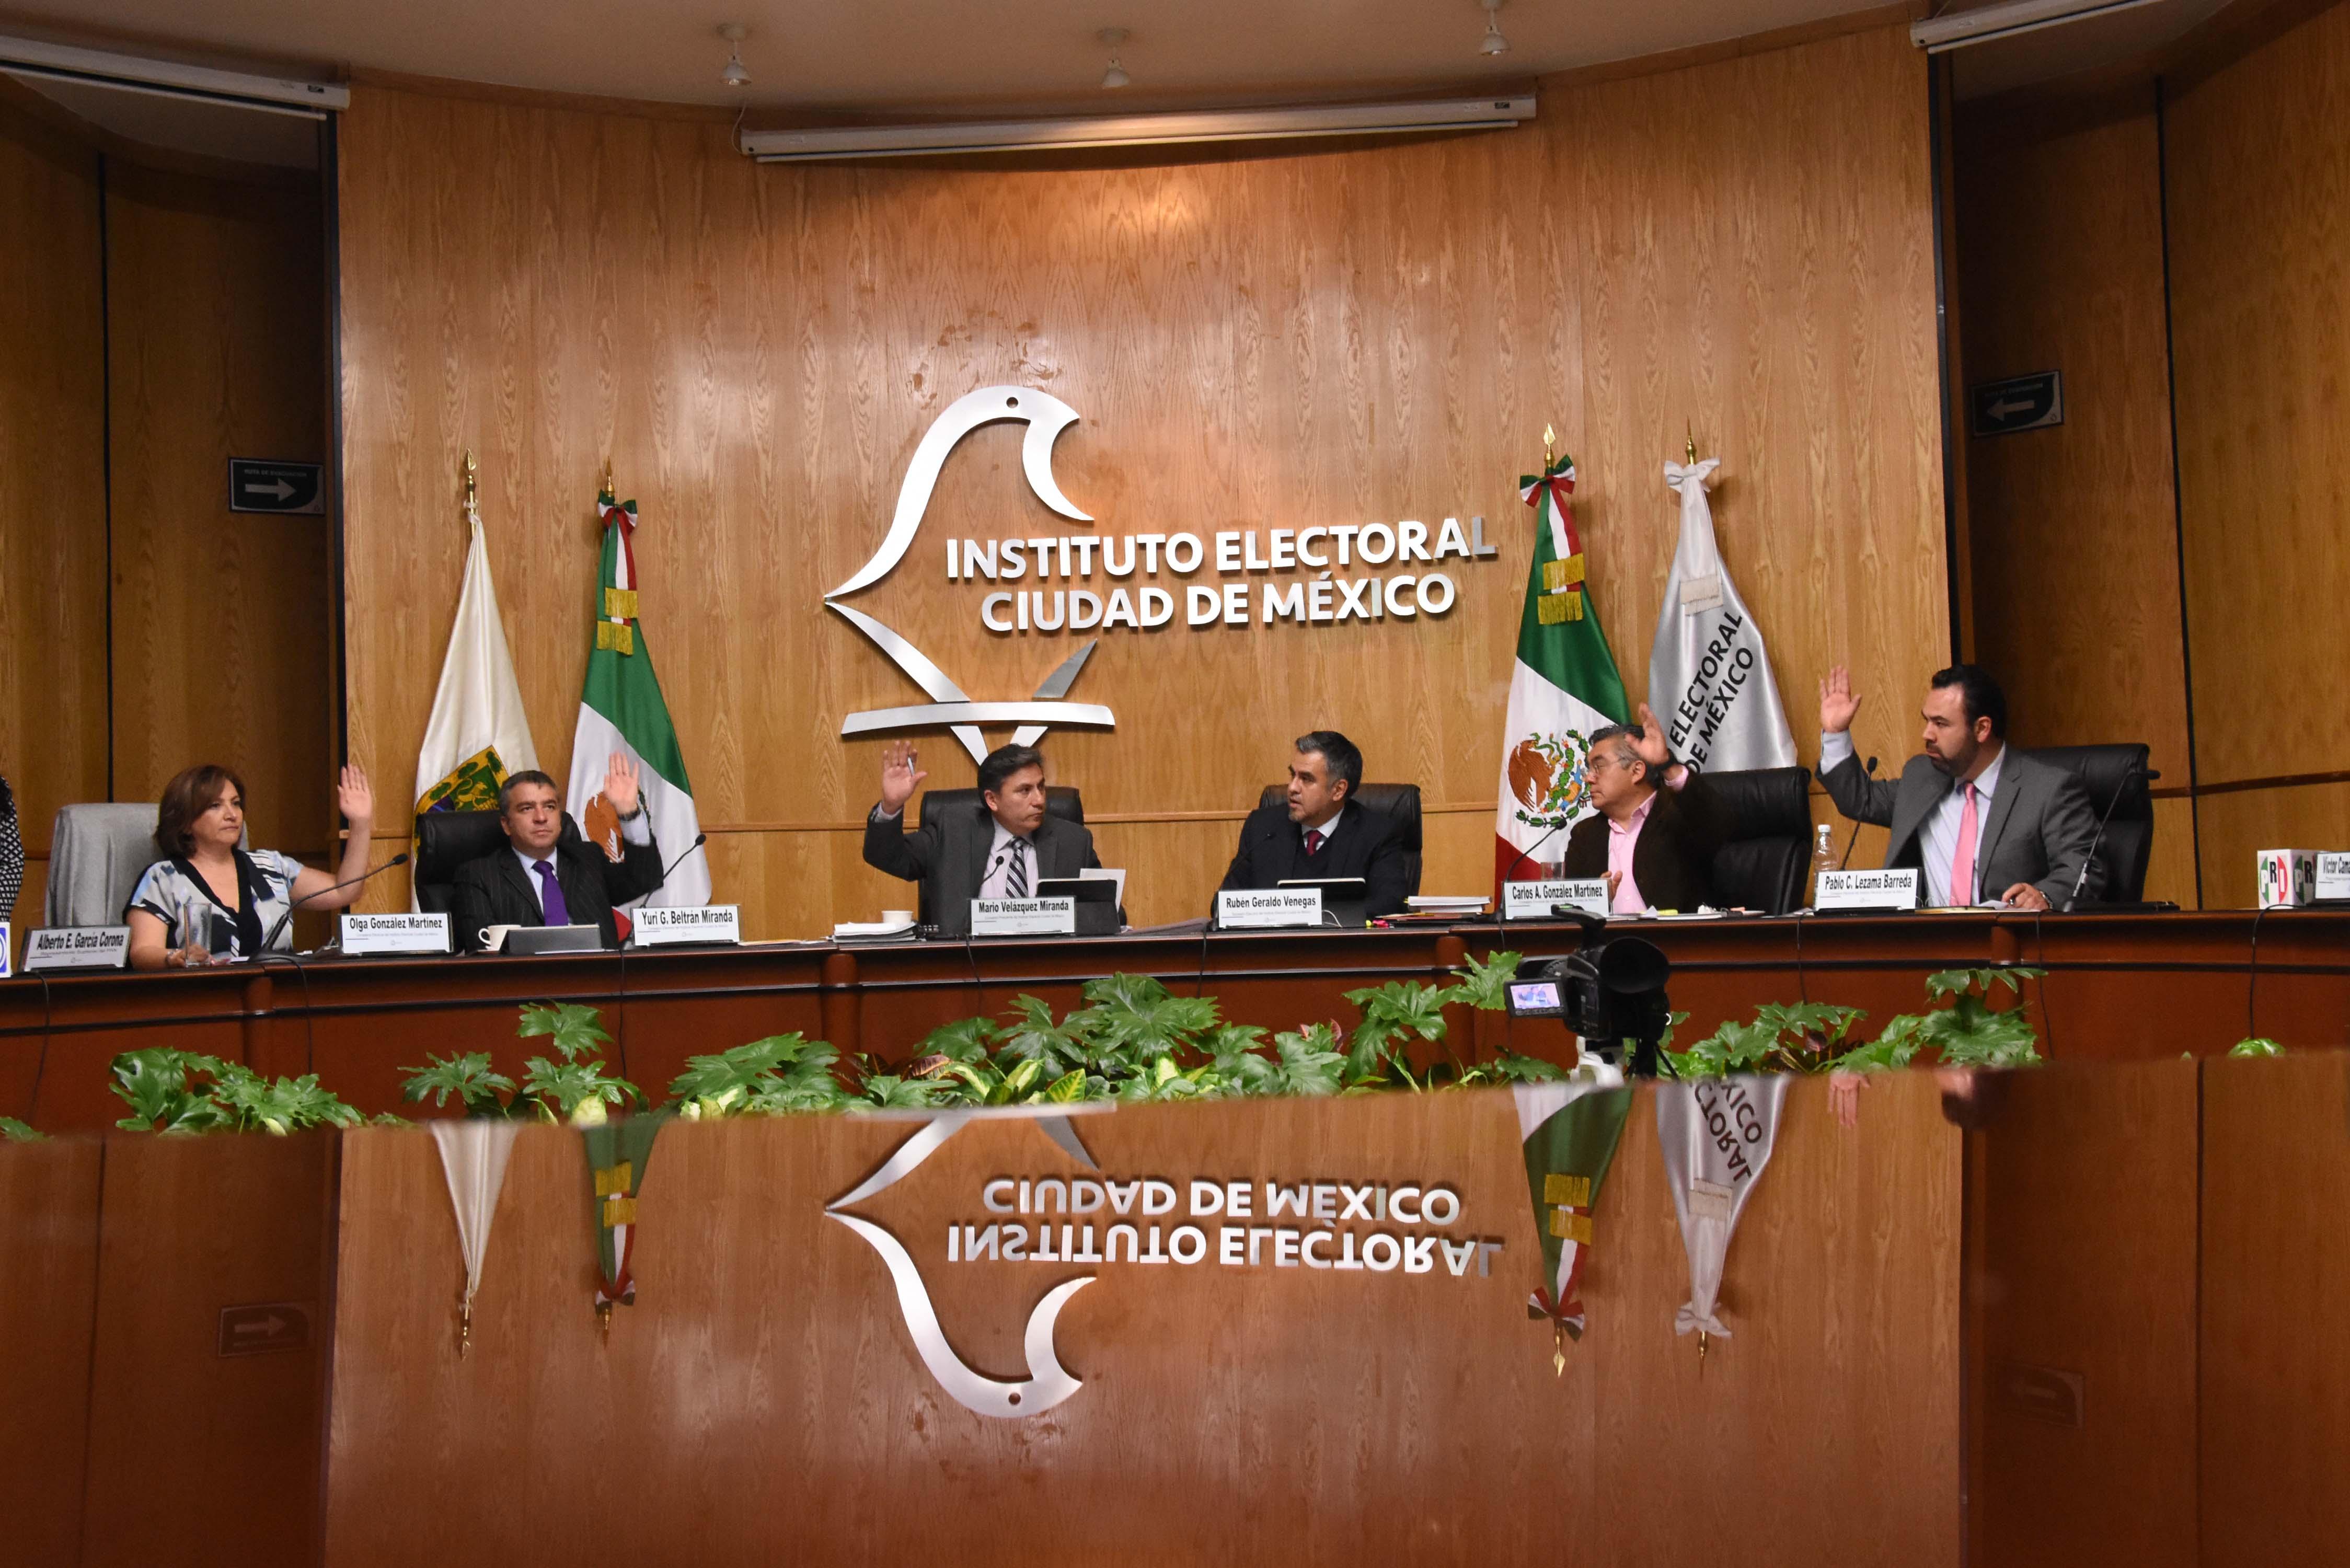 CONVOCAN INSTITUCIONES A CONFERENCIA SOBRE INTEGRIDAD ELECTORAL EN AMÉRICA LATINA